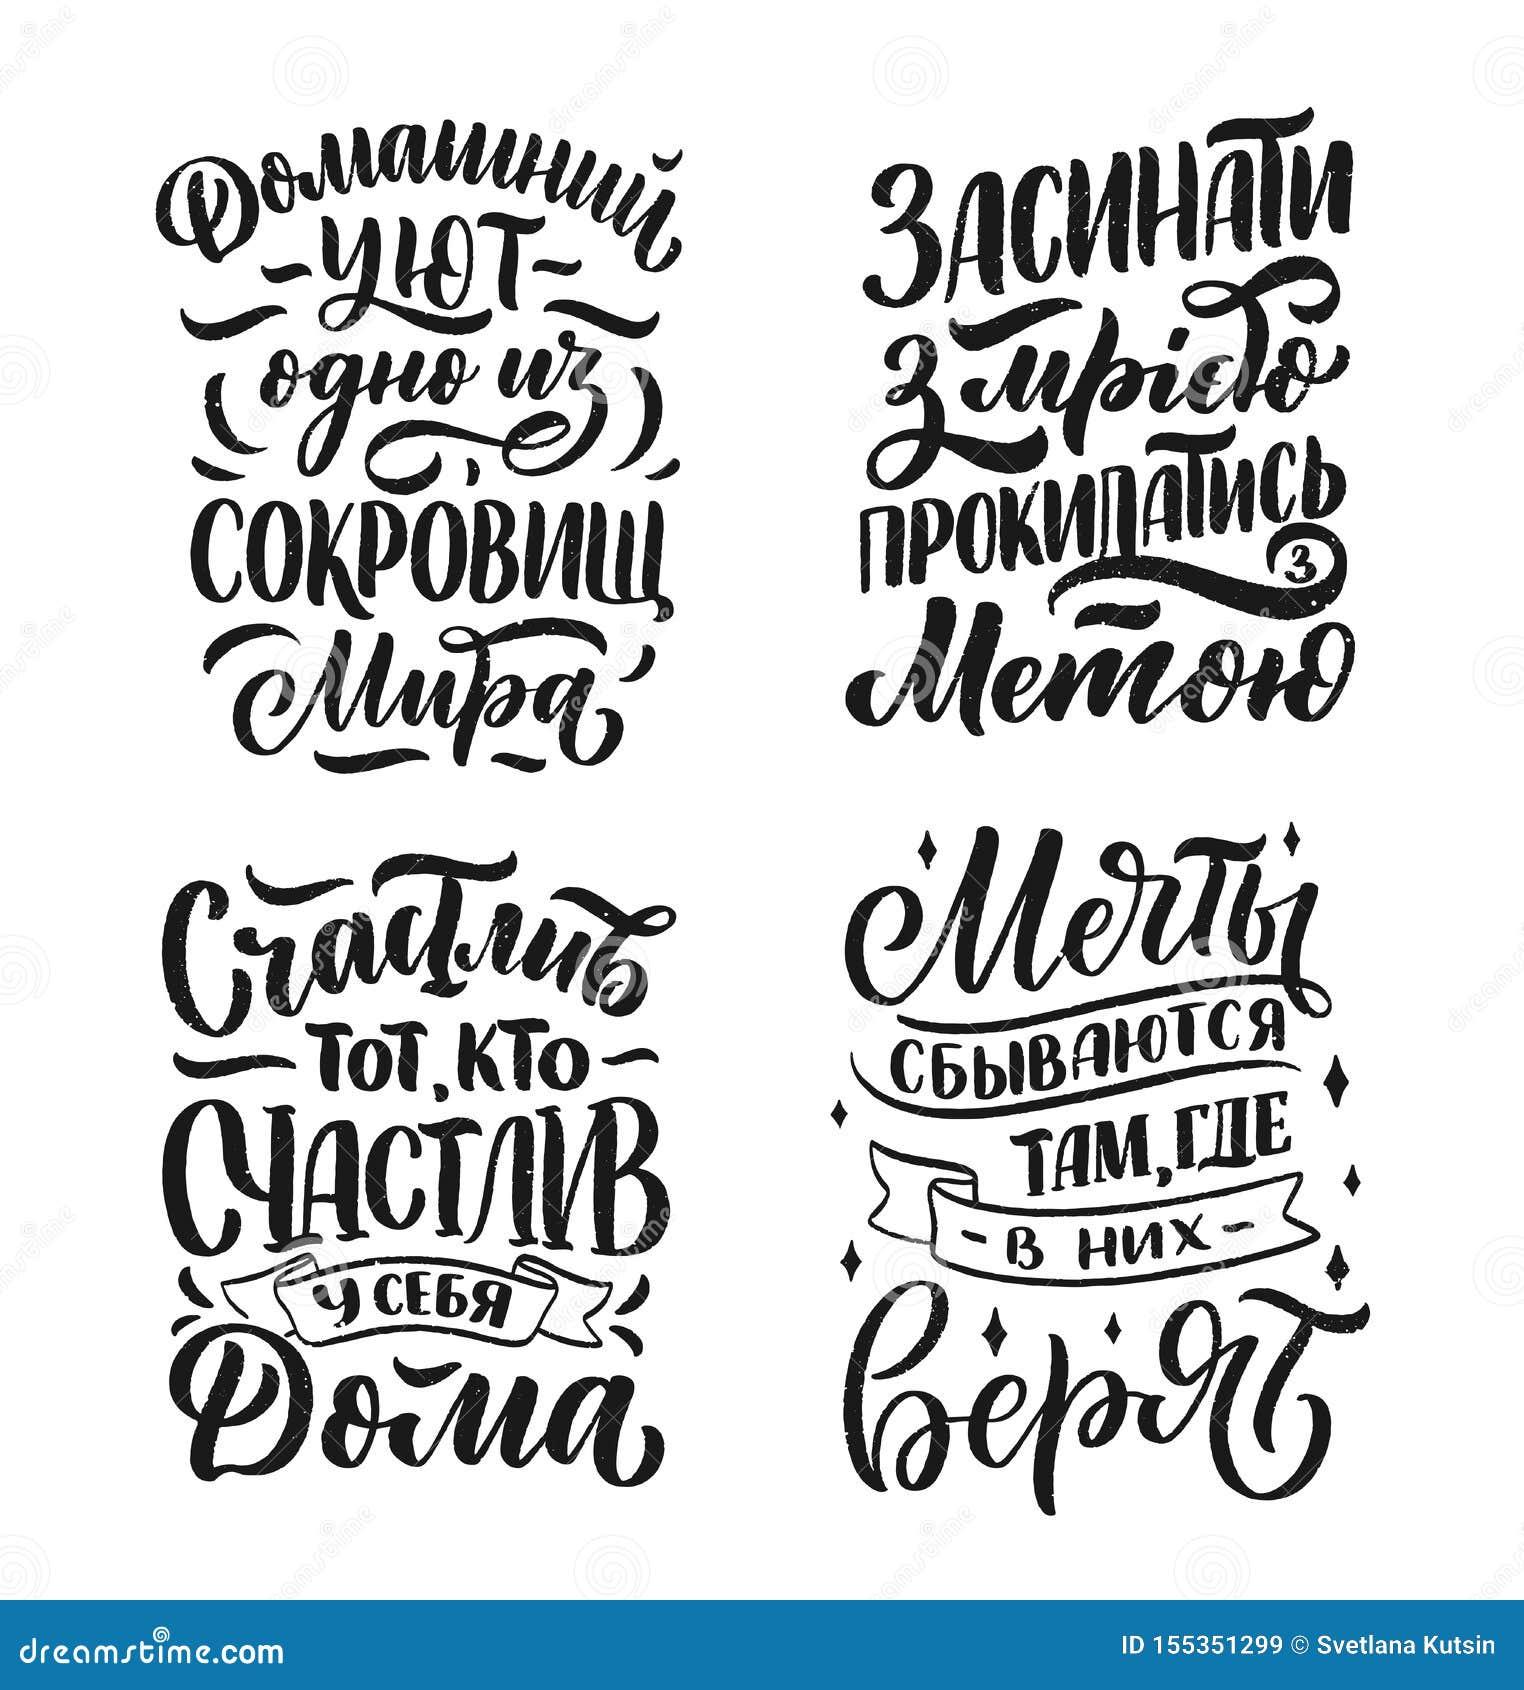 Los carteles en la lengua rusa - comodidad casera es uno de los tesoros del mundo, cae dormido con un sueño - despiertan con una